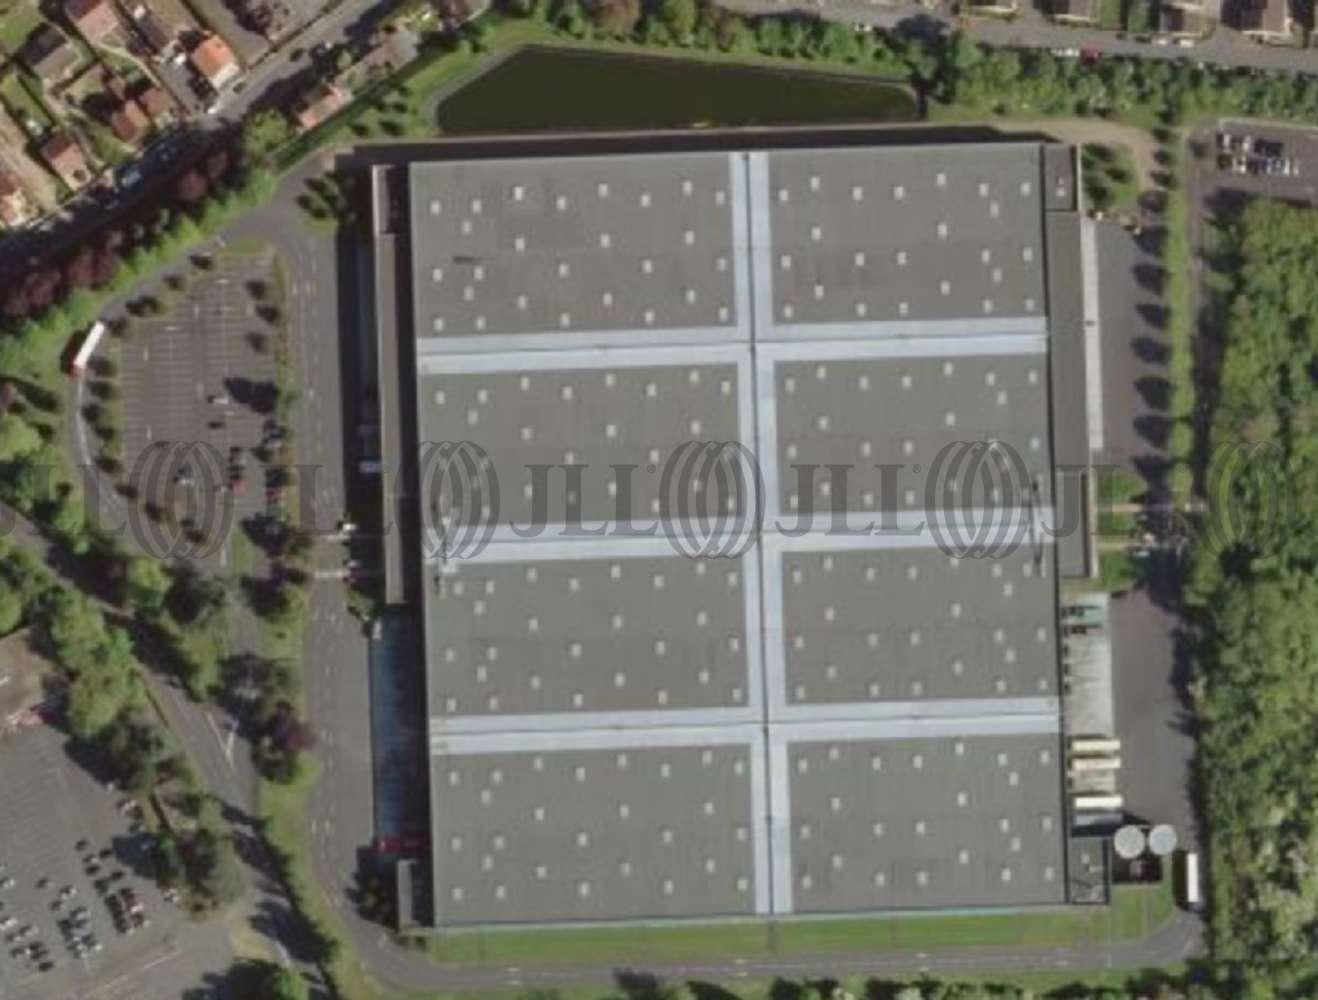 Plateformes logistiques Marly la ville, 95670 - IDF NORD / POLE DE MARLY LA VILLE